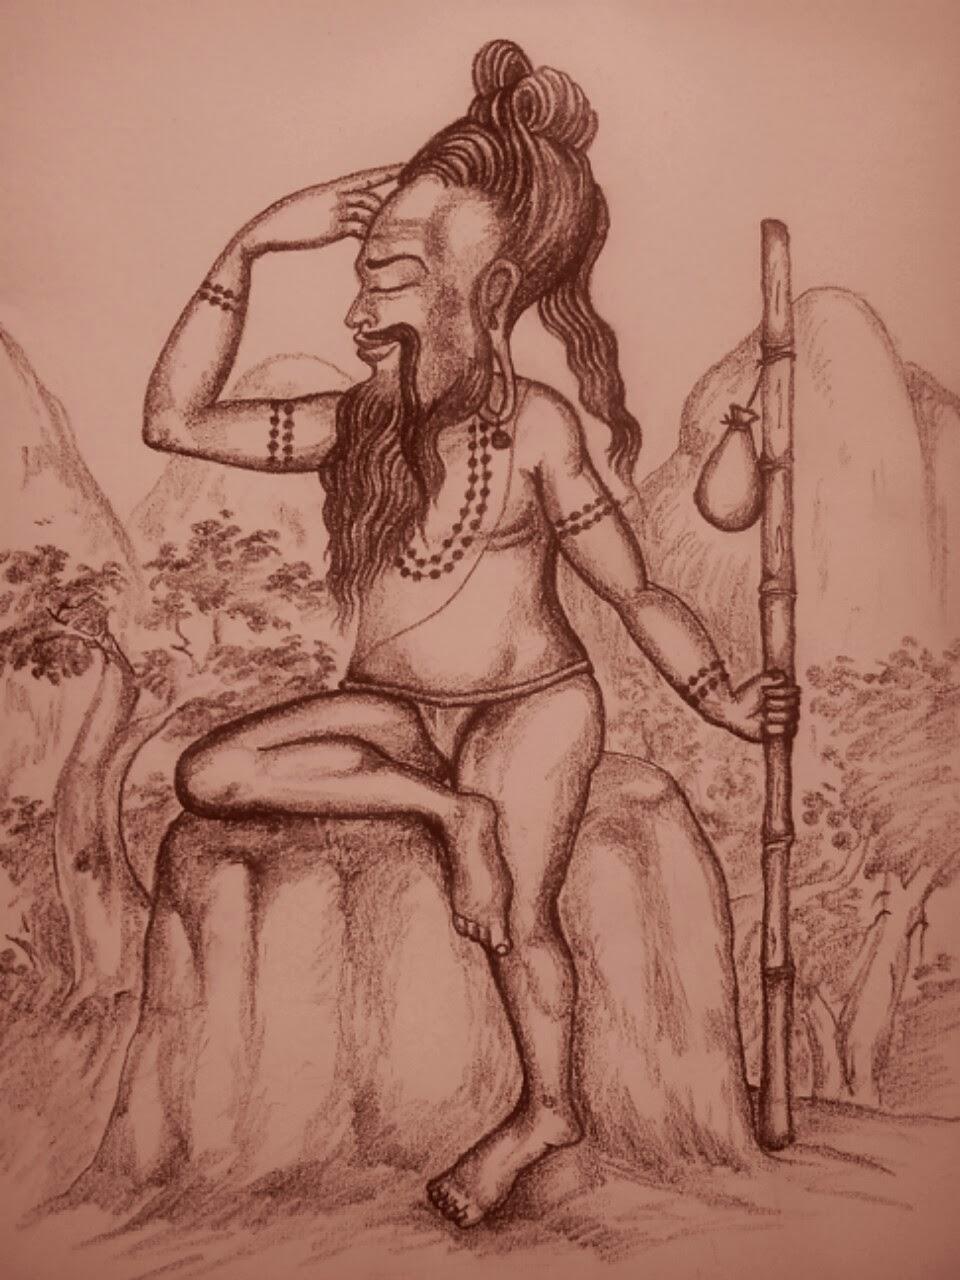 பூபால முனிவர் வாழ்ந்த பகுதி பூரிமலை ஆகும்.